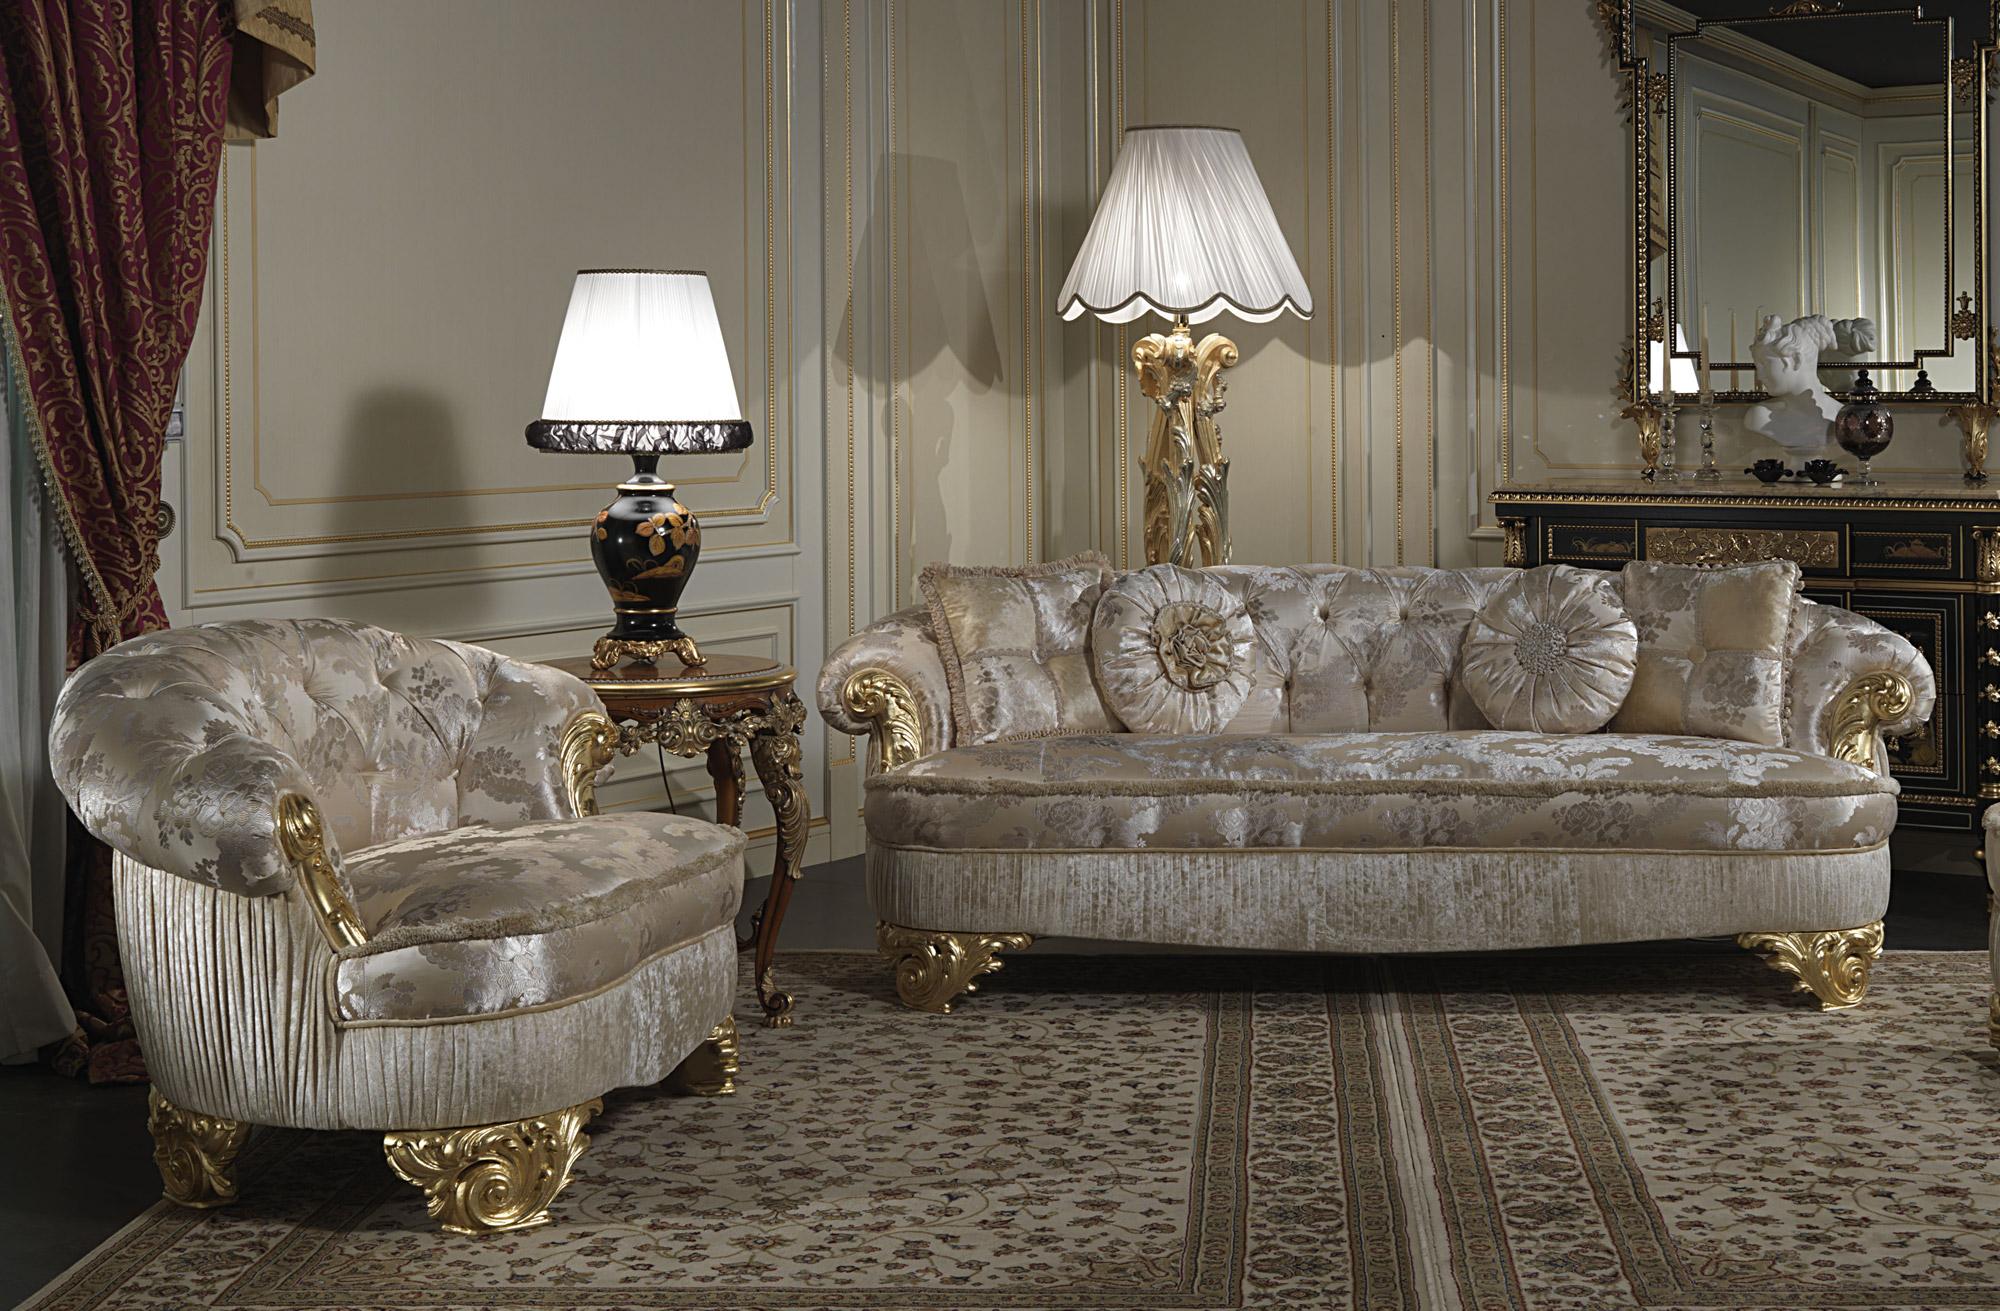 Divani imbottiti di lusso salotto classico parigi for Divani classici in stile